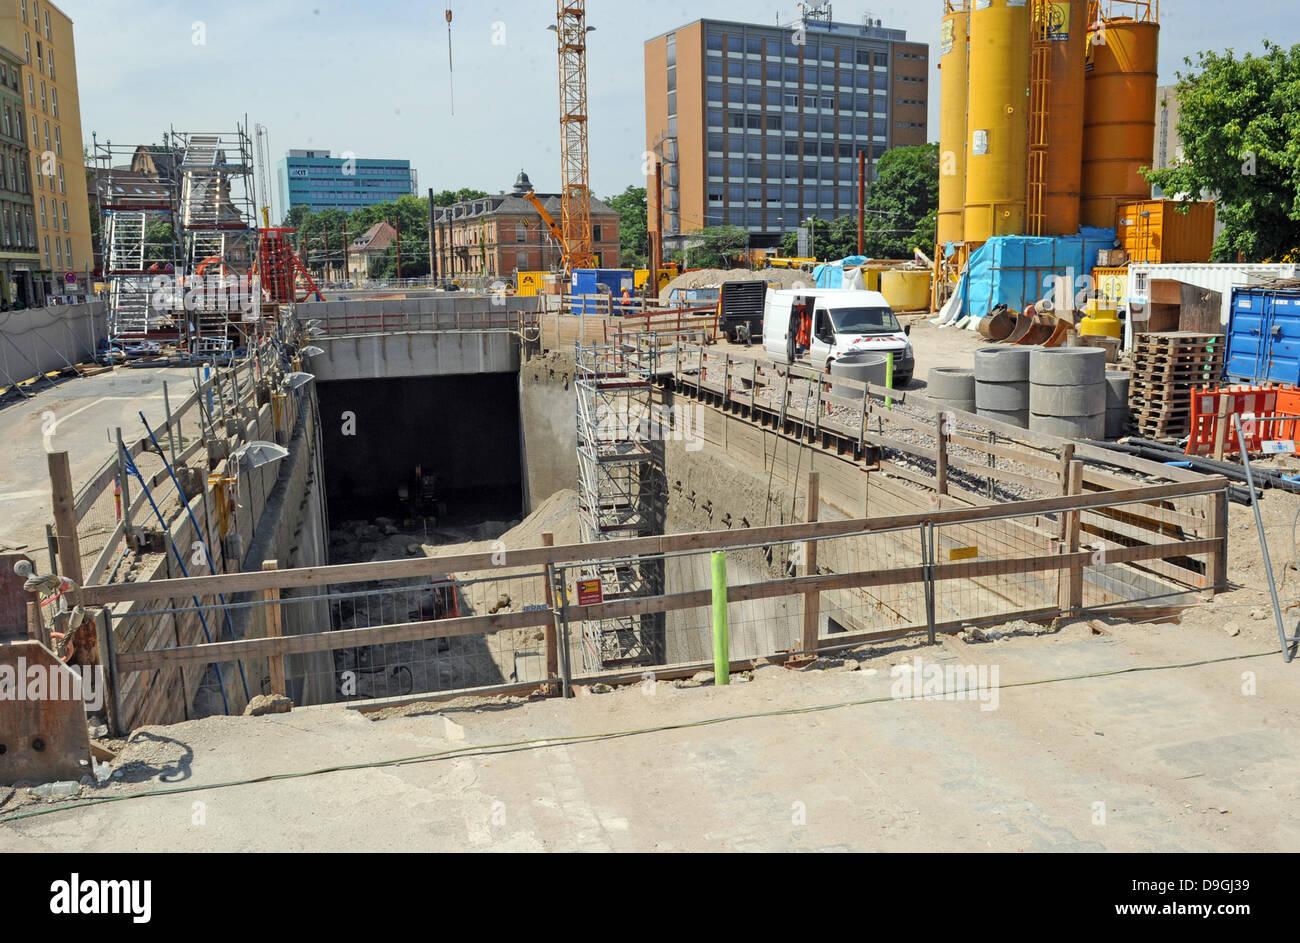 Baufirmen Karlsruhe eine baustelle der straßenbahn bauprojekt in karlsruhe ist in